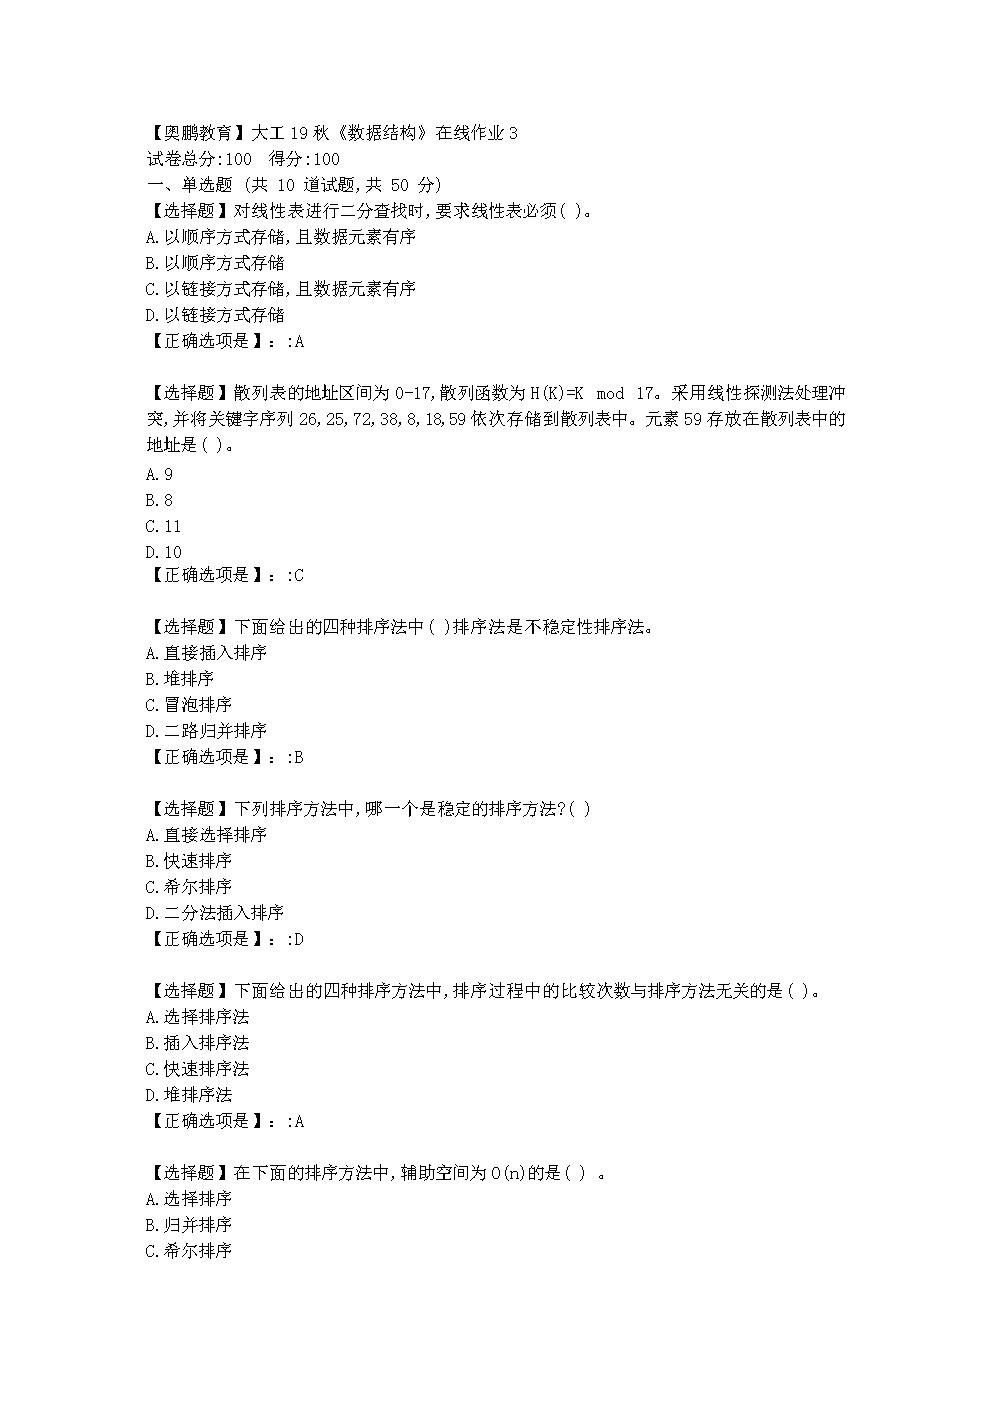 大连理工大学19秋《数据结构》在线作业3学习资料.doc